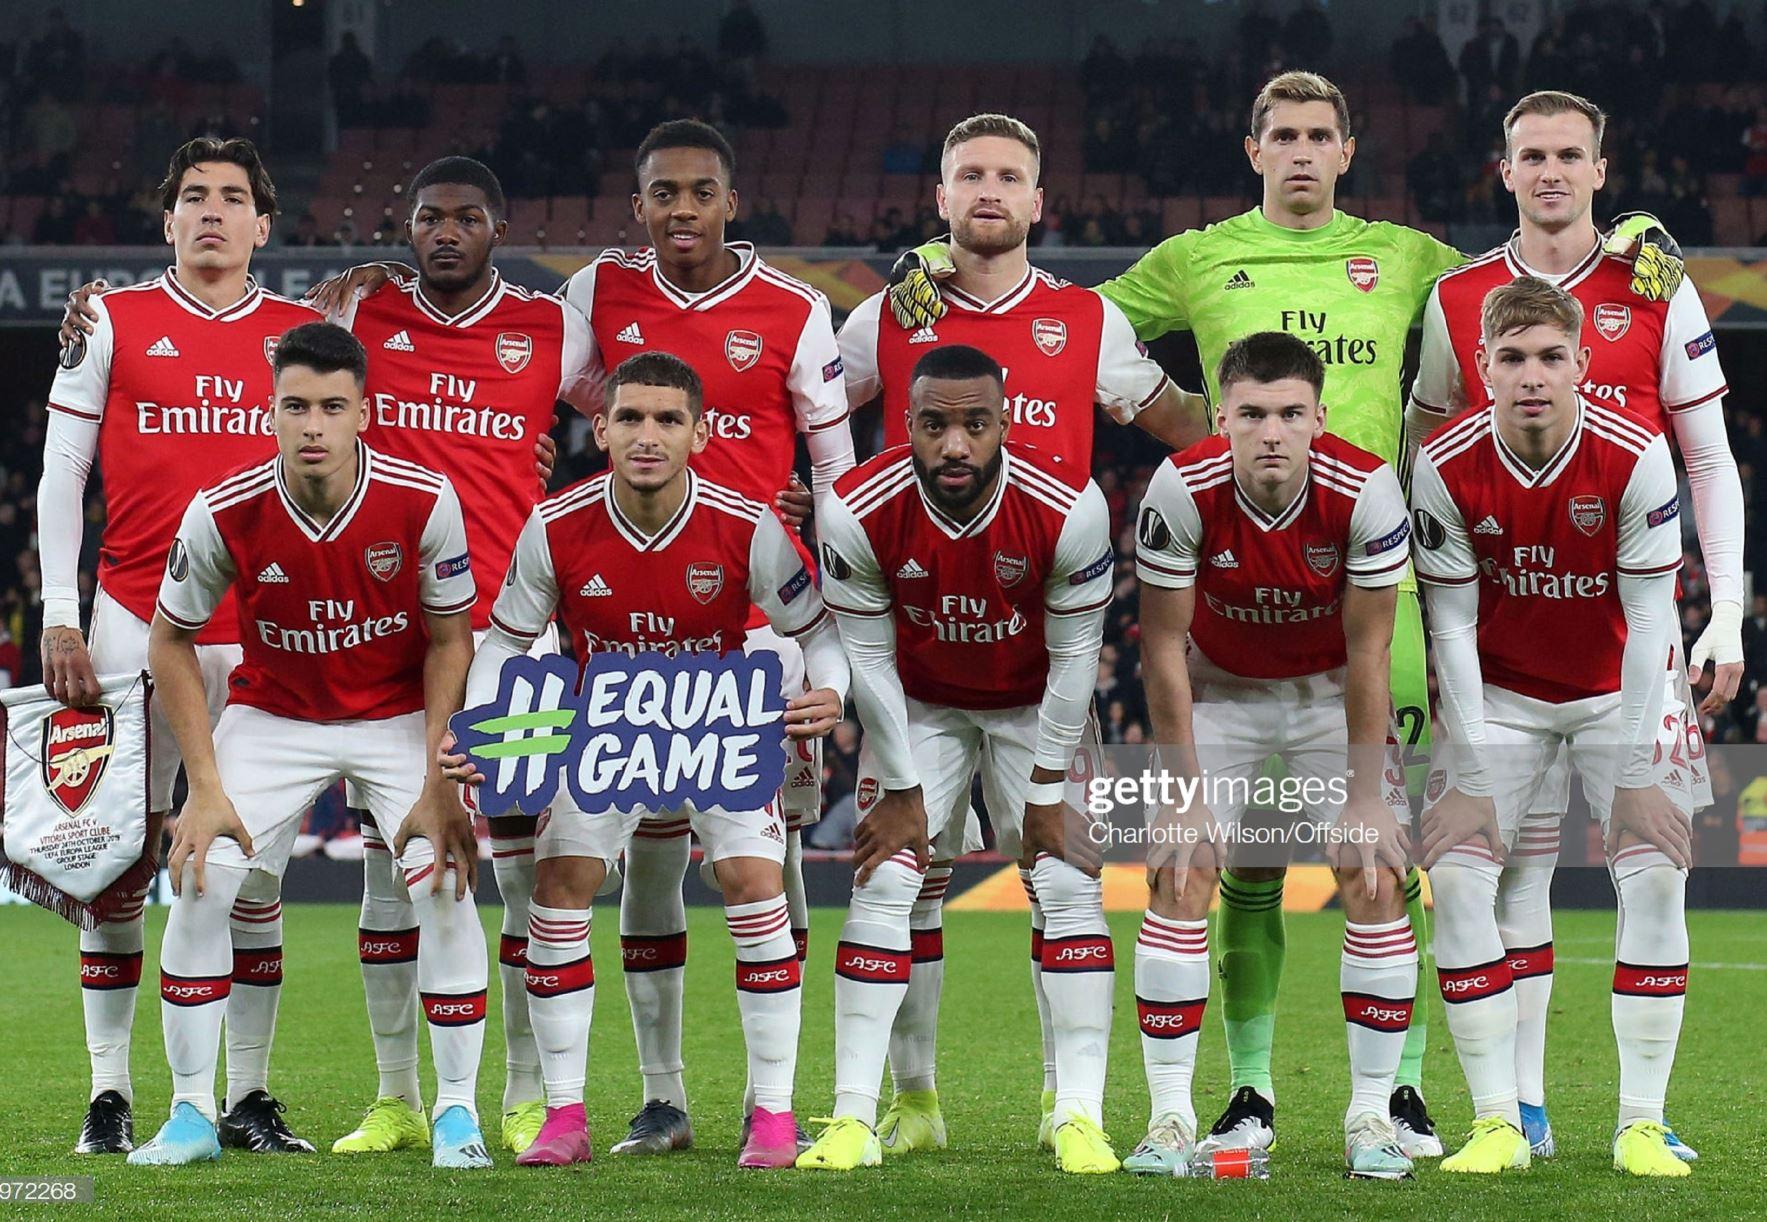 Арсенал (Англия) - Витория Гимараеш (Португалия) 3:2. Нажмите, чтобы посмотреть истинный размер рисунка